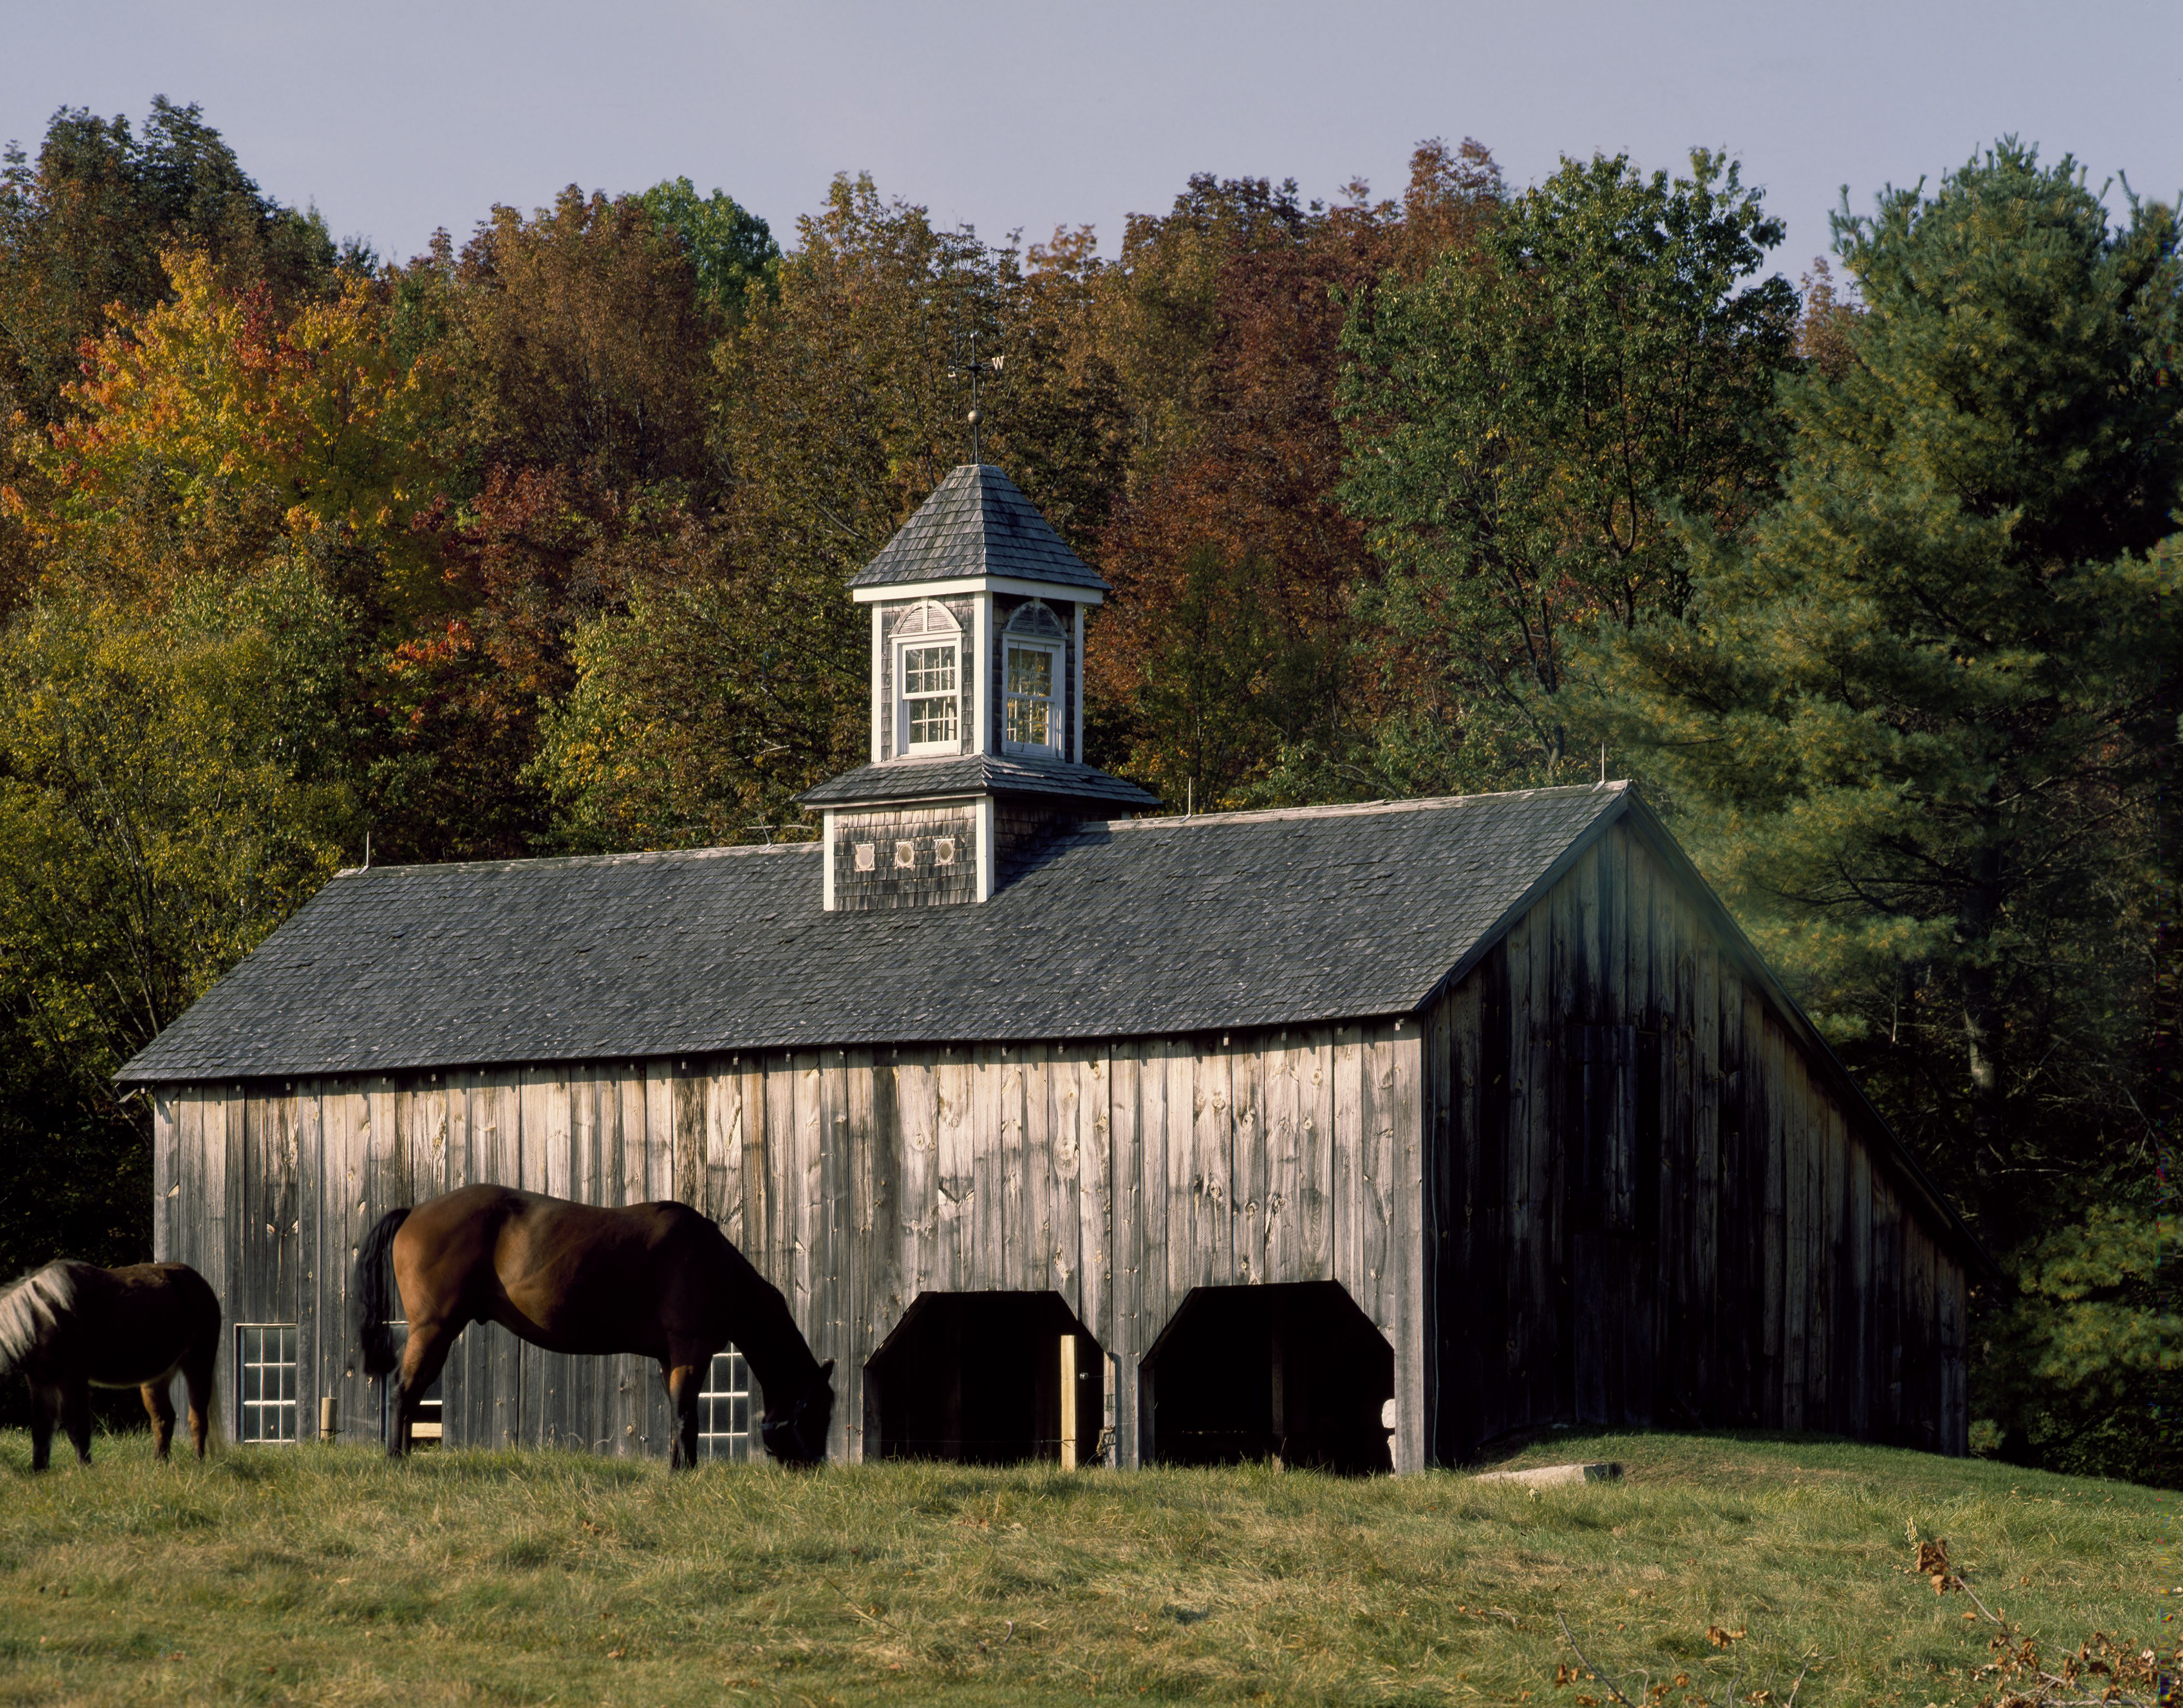 Horse-farm barn with cupola, New England